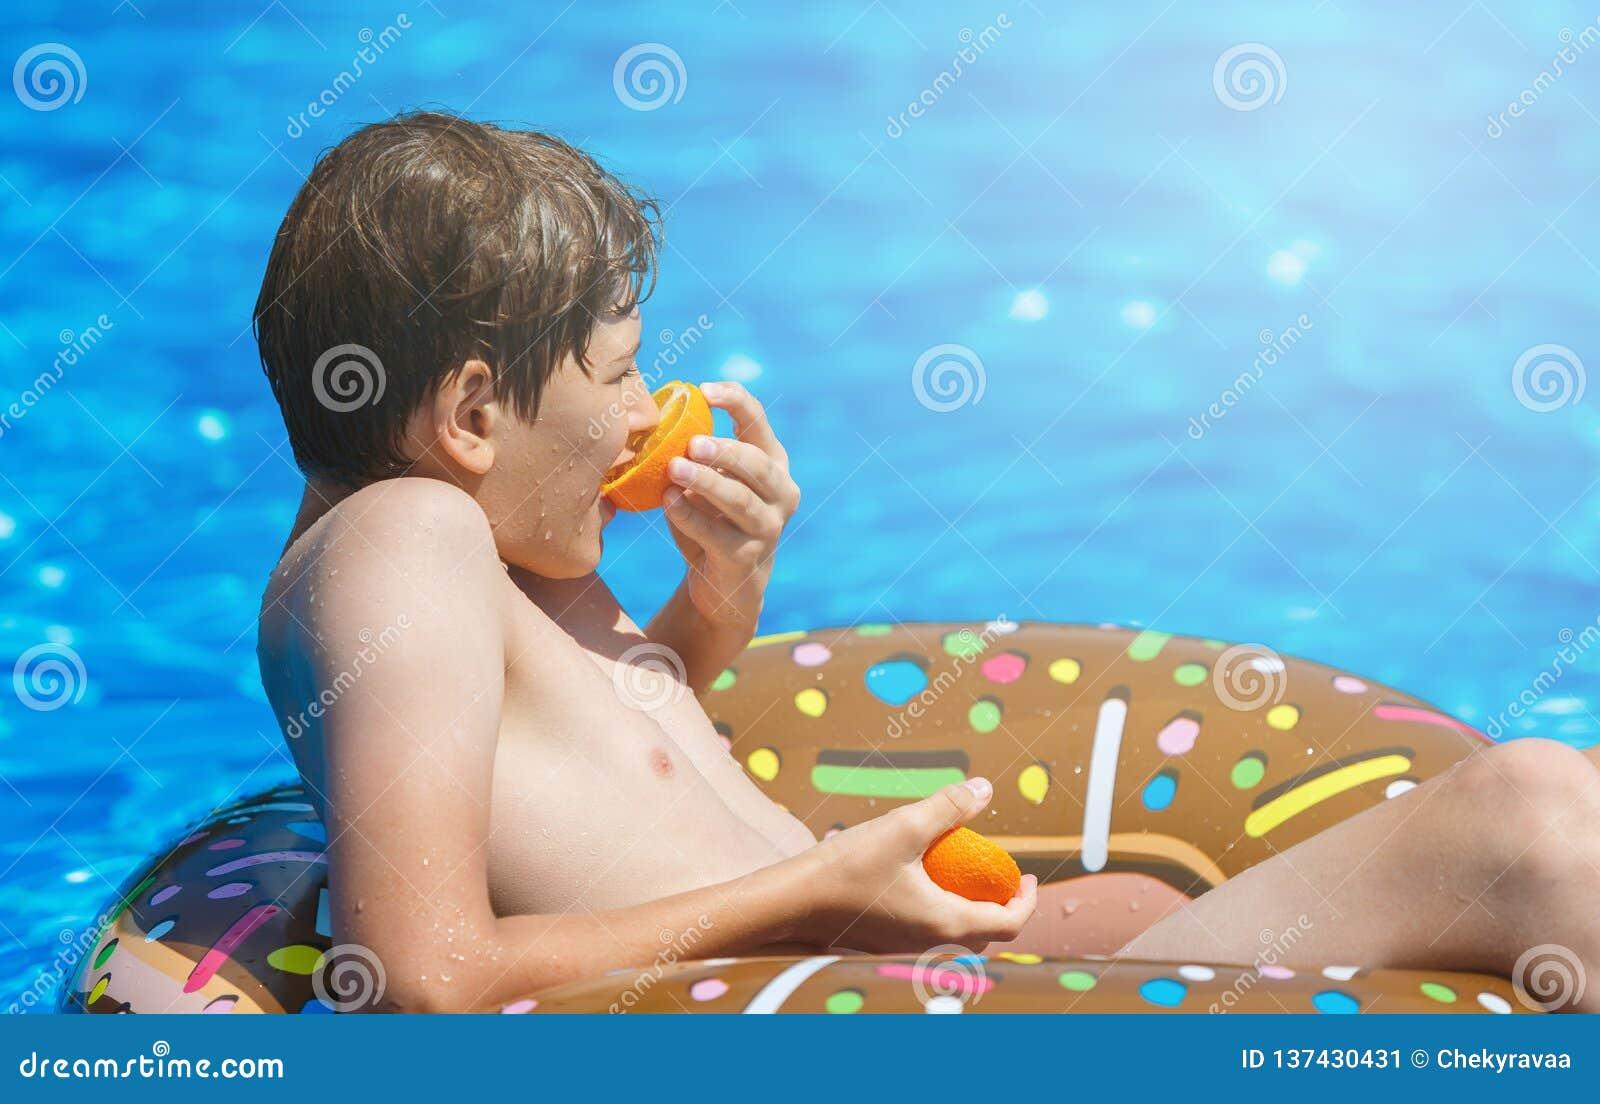 Adolescente bonito feliz do rapaz pequeno que encontra-se no anel inflável da filhós com a laranja na piscina Jogos ativos na águ